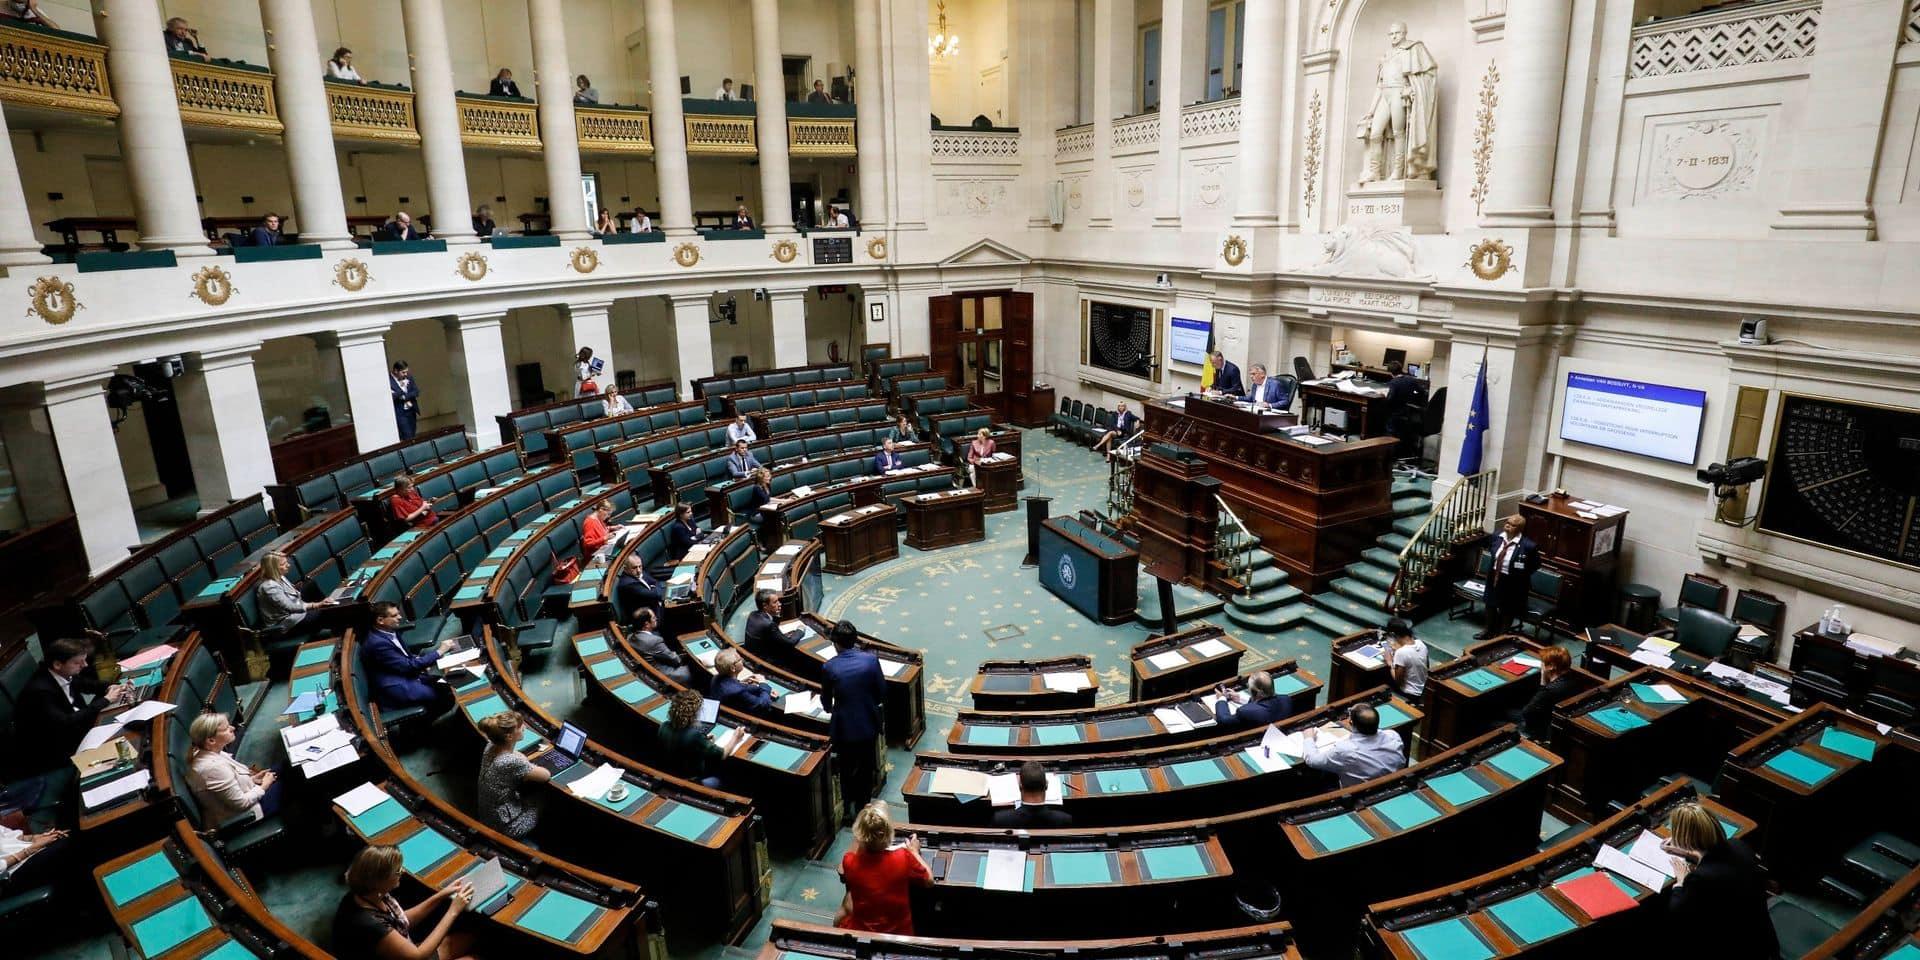 Dépénalisation de l'avortement: le Conseil d'Etat a remis son avis, le débats peuvent reprendre